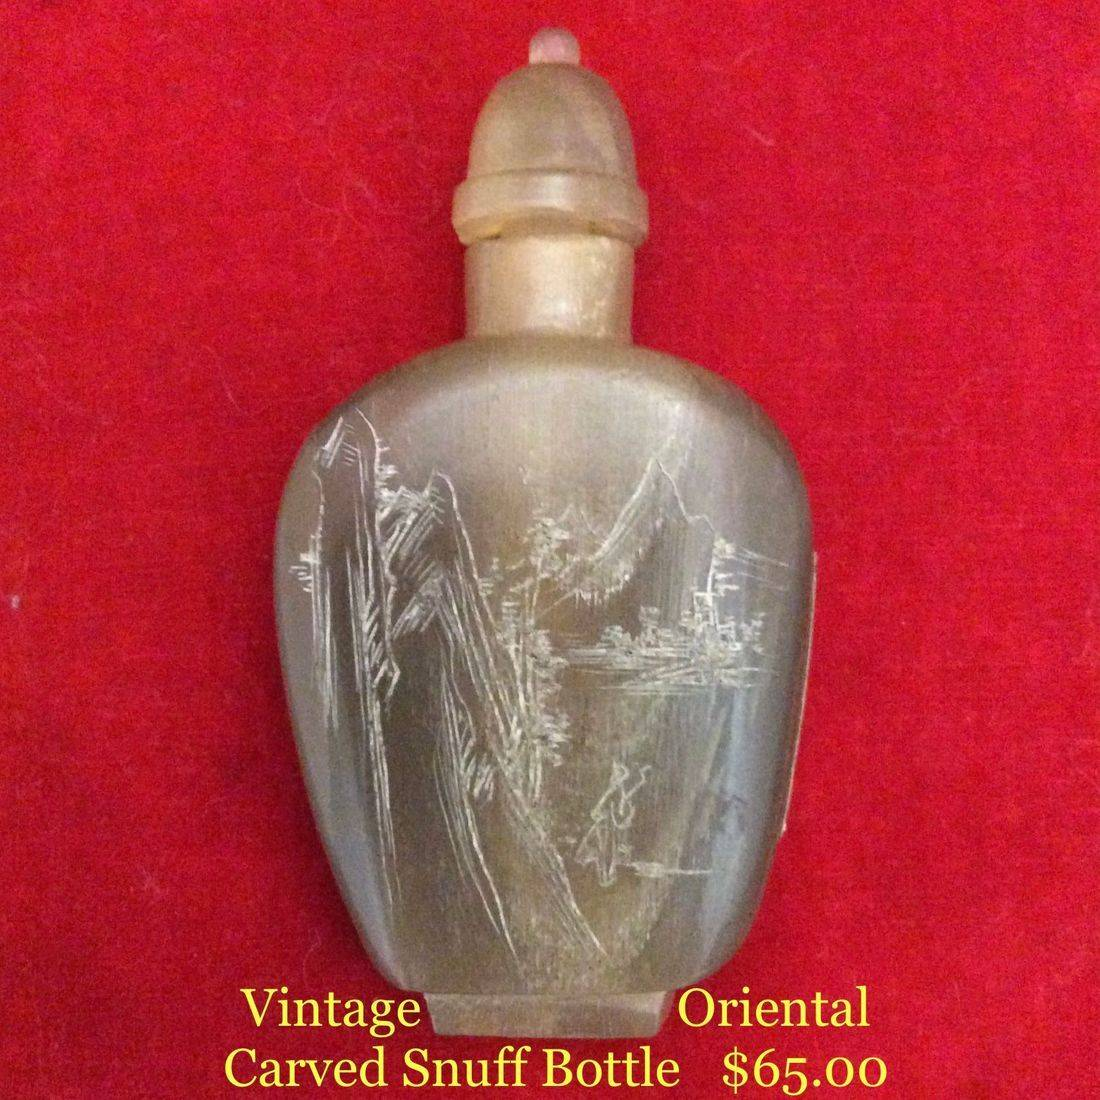 Vintage Carved, Oriental Snuff Bottle  $65.00